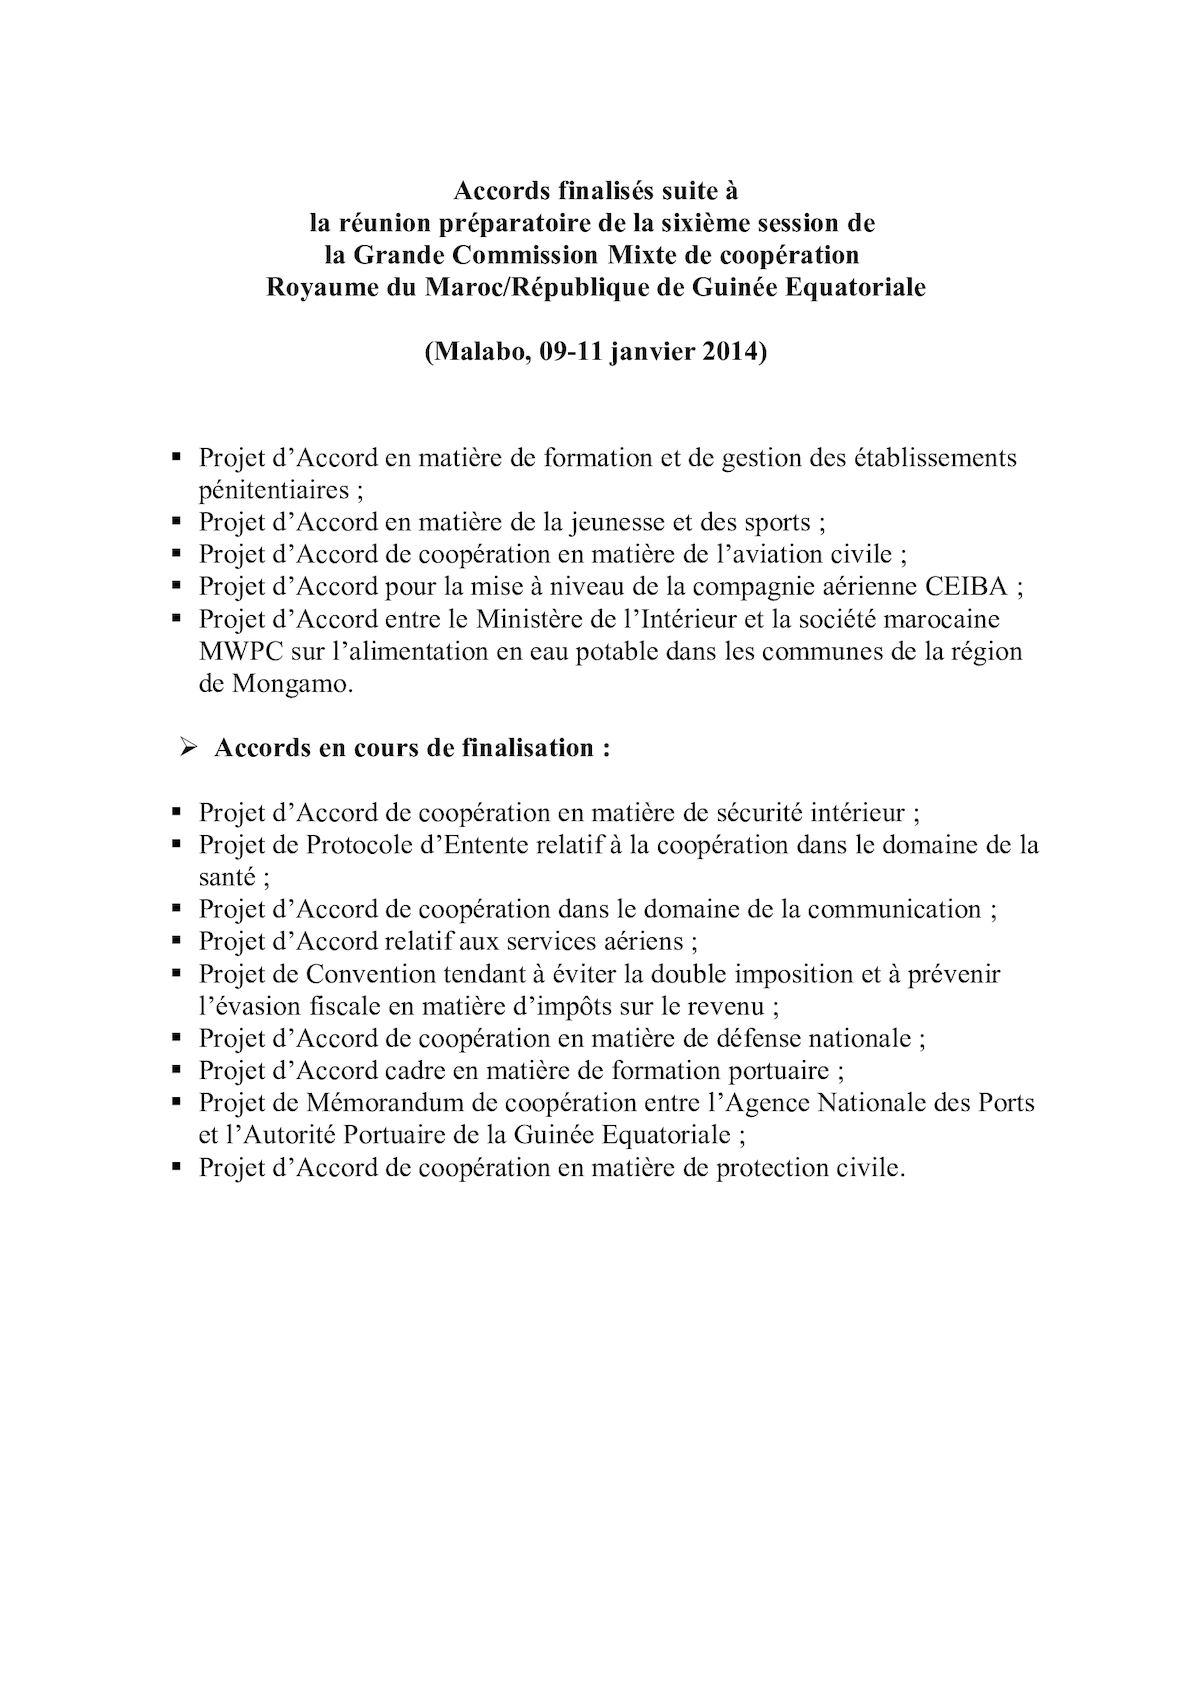 Accords Finalisés CM Guinée Equatoriale